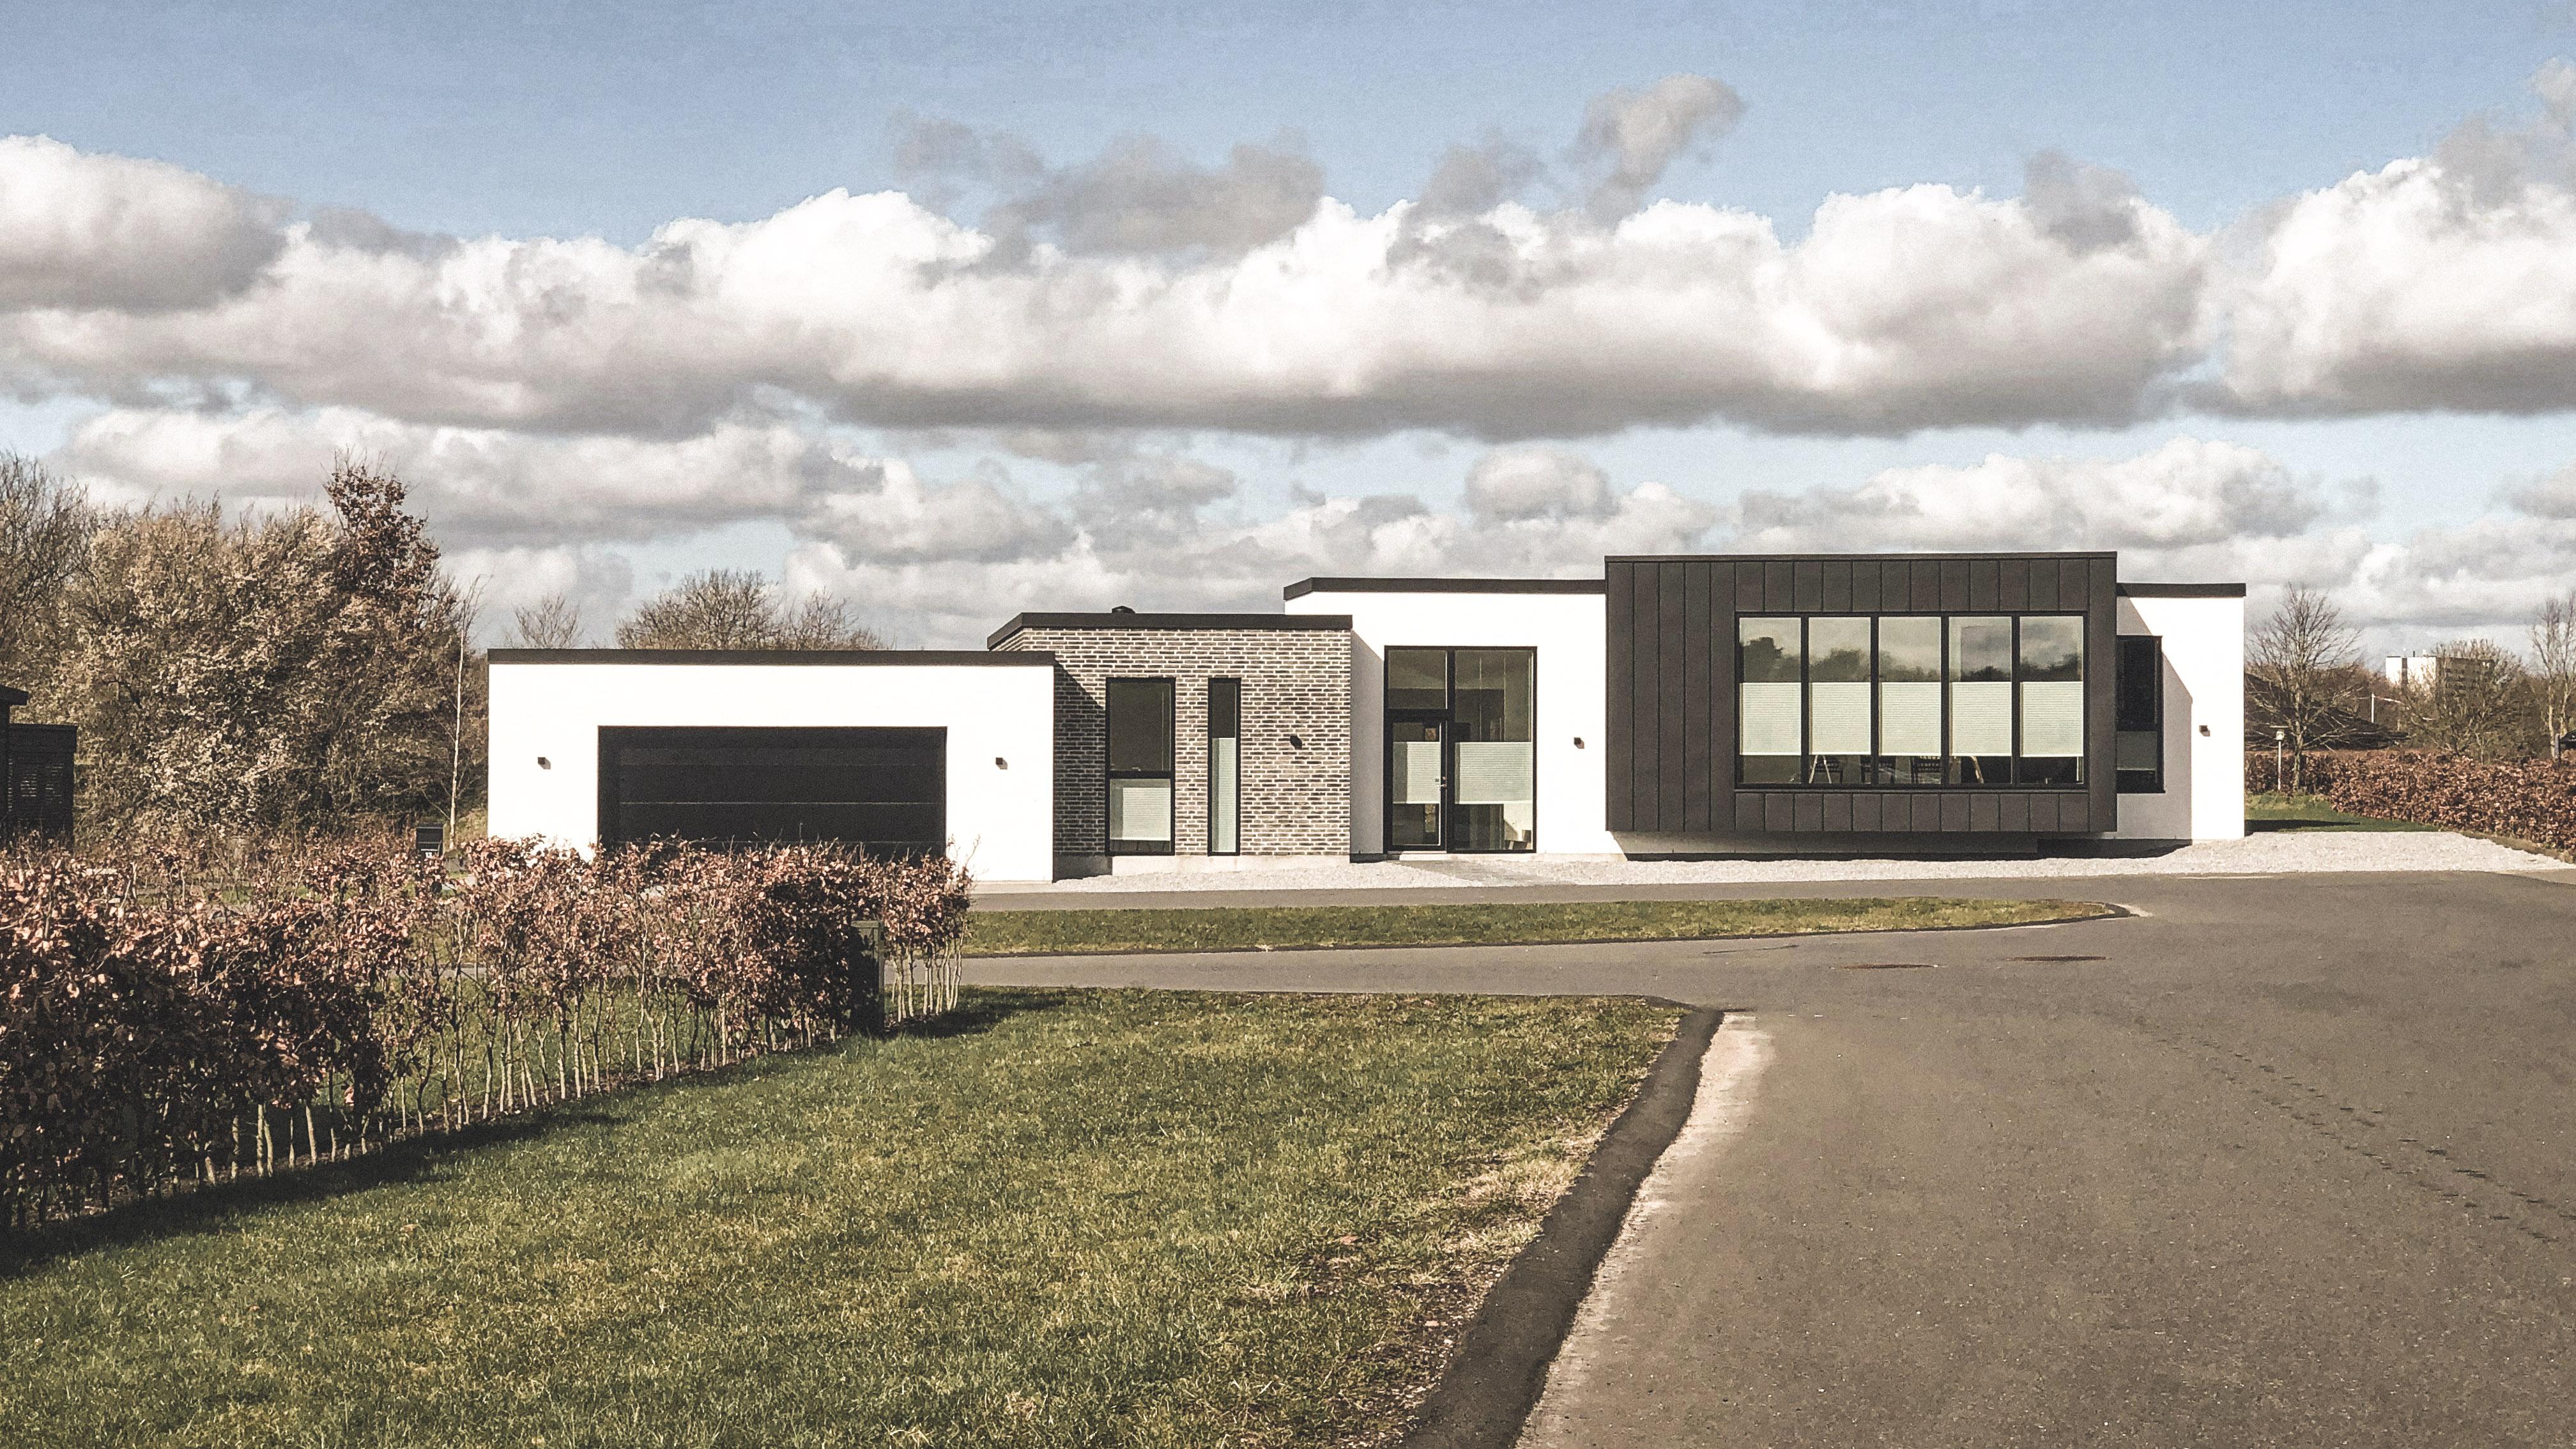 Billede af Dansk arkitekttegnet partereplans villa af arkitektfirmaet m2plus.